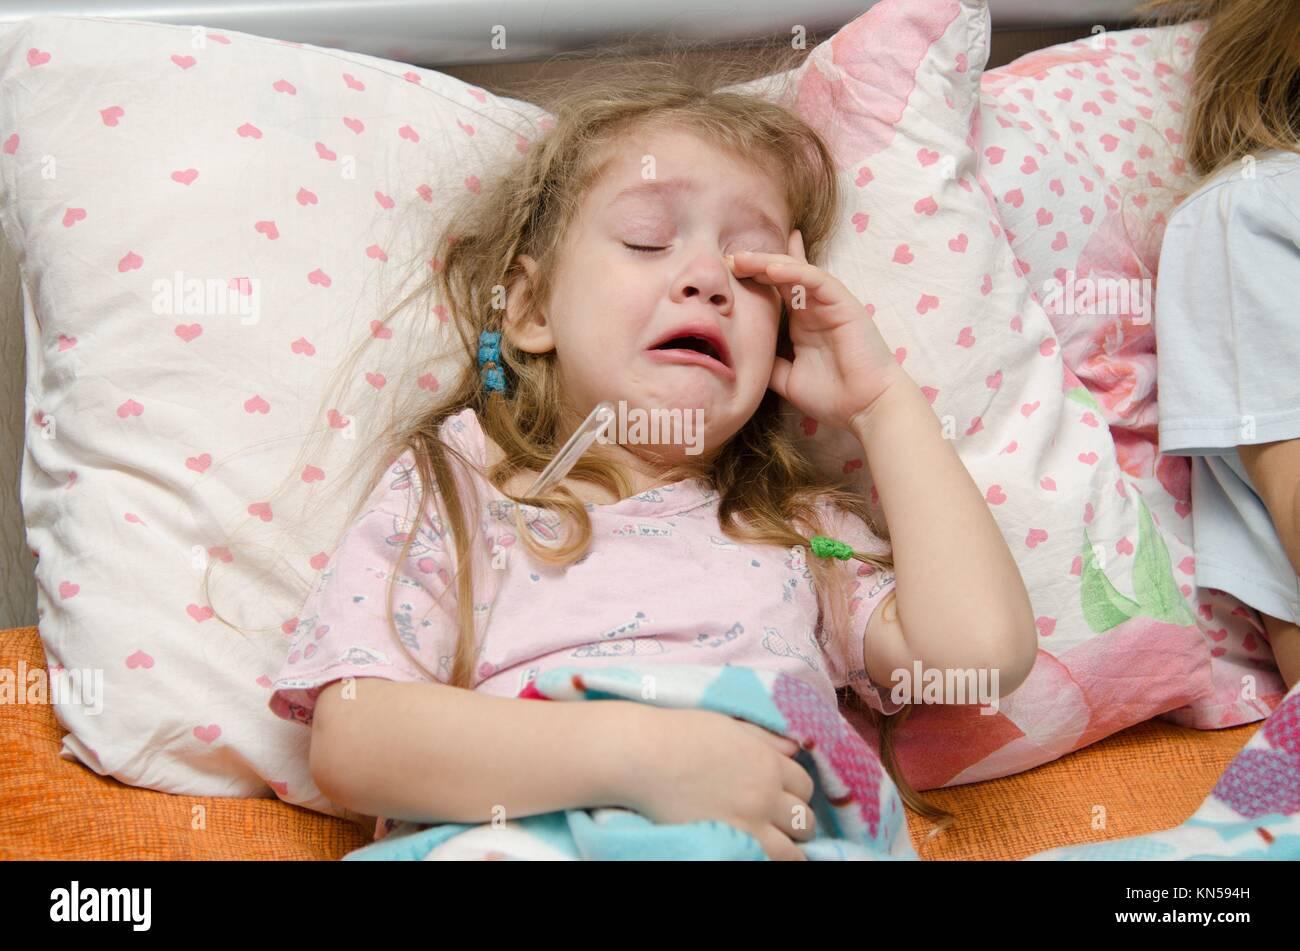 Les trois ans fille malade au lit, Meria, thermomètre de température dans une mauvaise humeur. Photo Stock